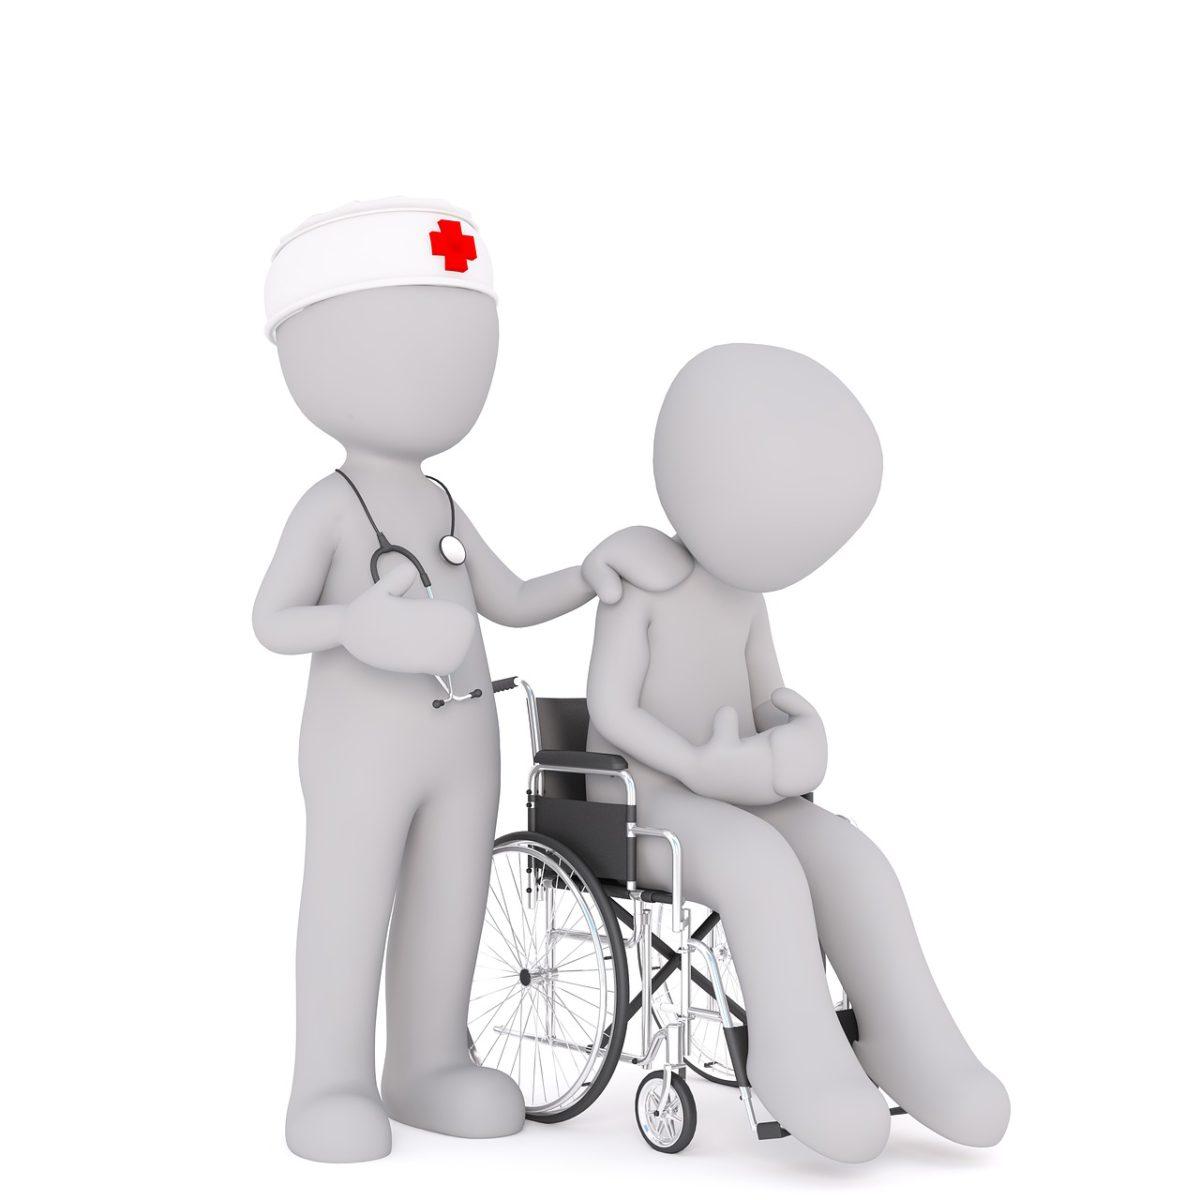 patient-care-1874746_1280